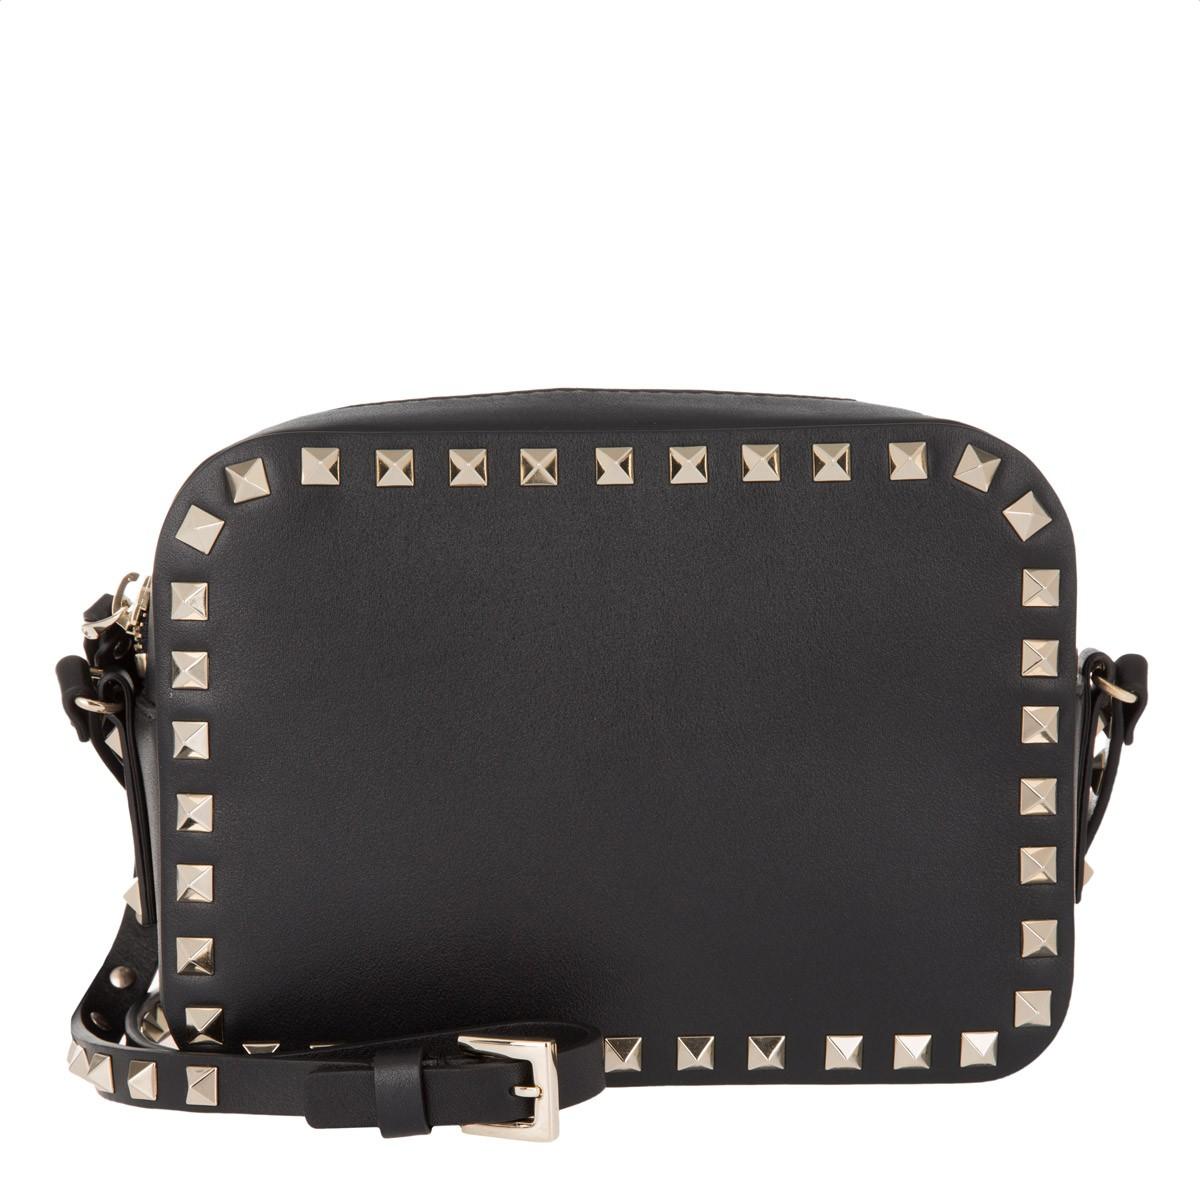 Valentino Skuldervesker - Stein Stud Crossbody Bag Svart Kamera I Svart For Kvinner Billig Online JcxBd5Mm9